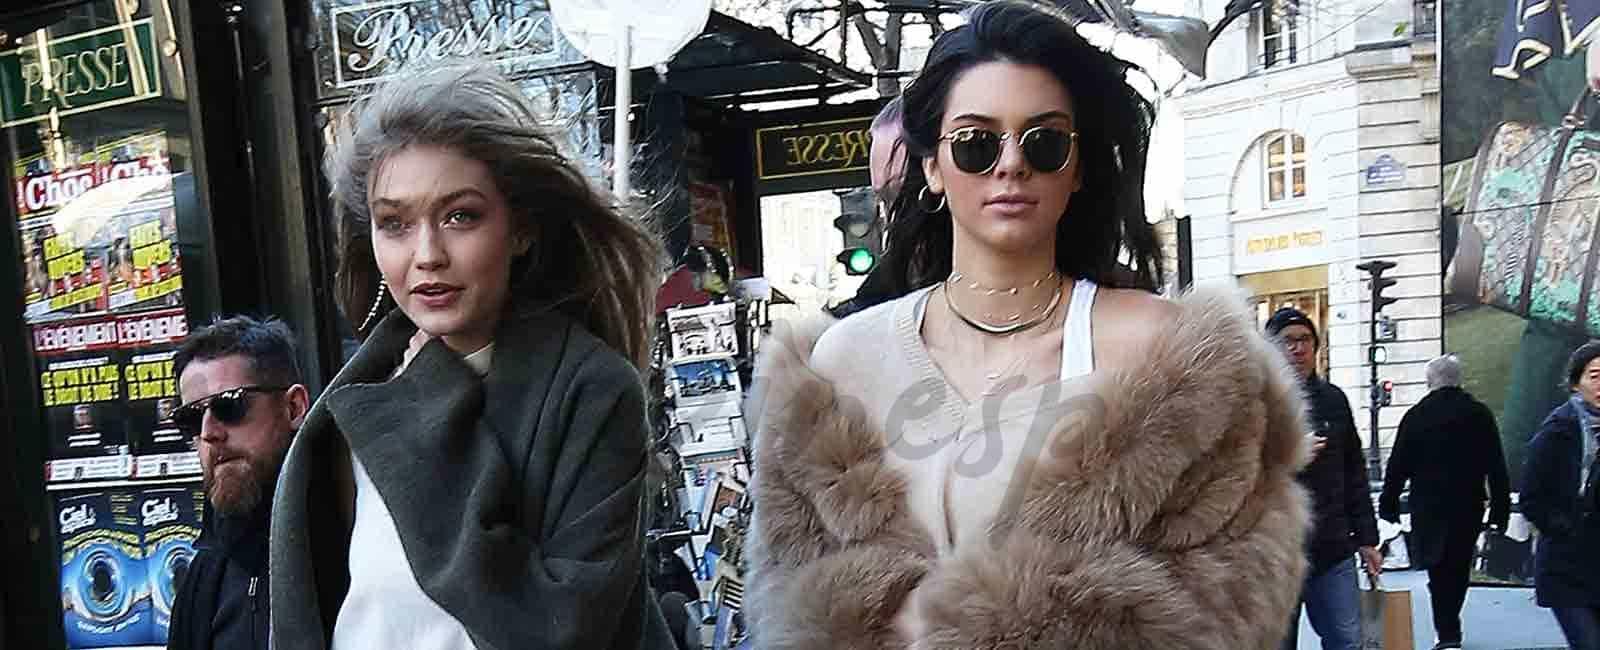 Gigi Hadid y Kendall Jenner «arrasan» en sus compras en París